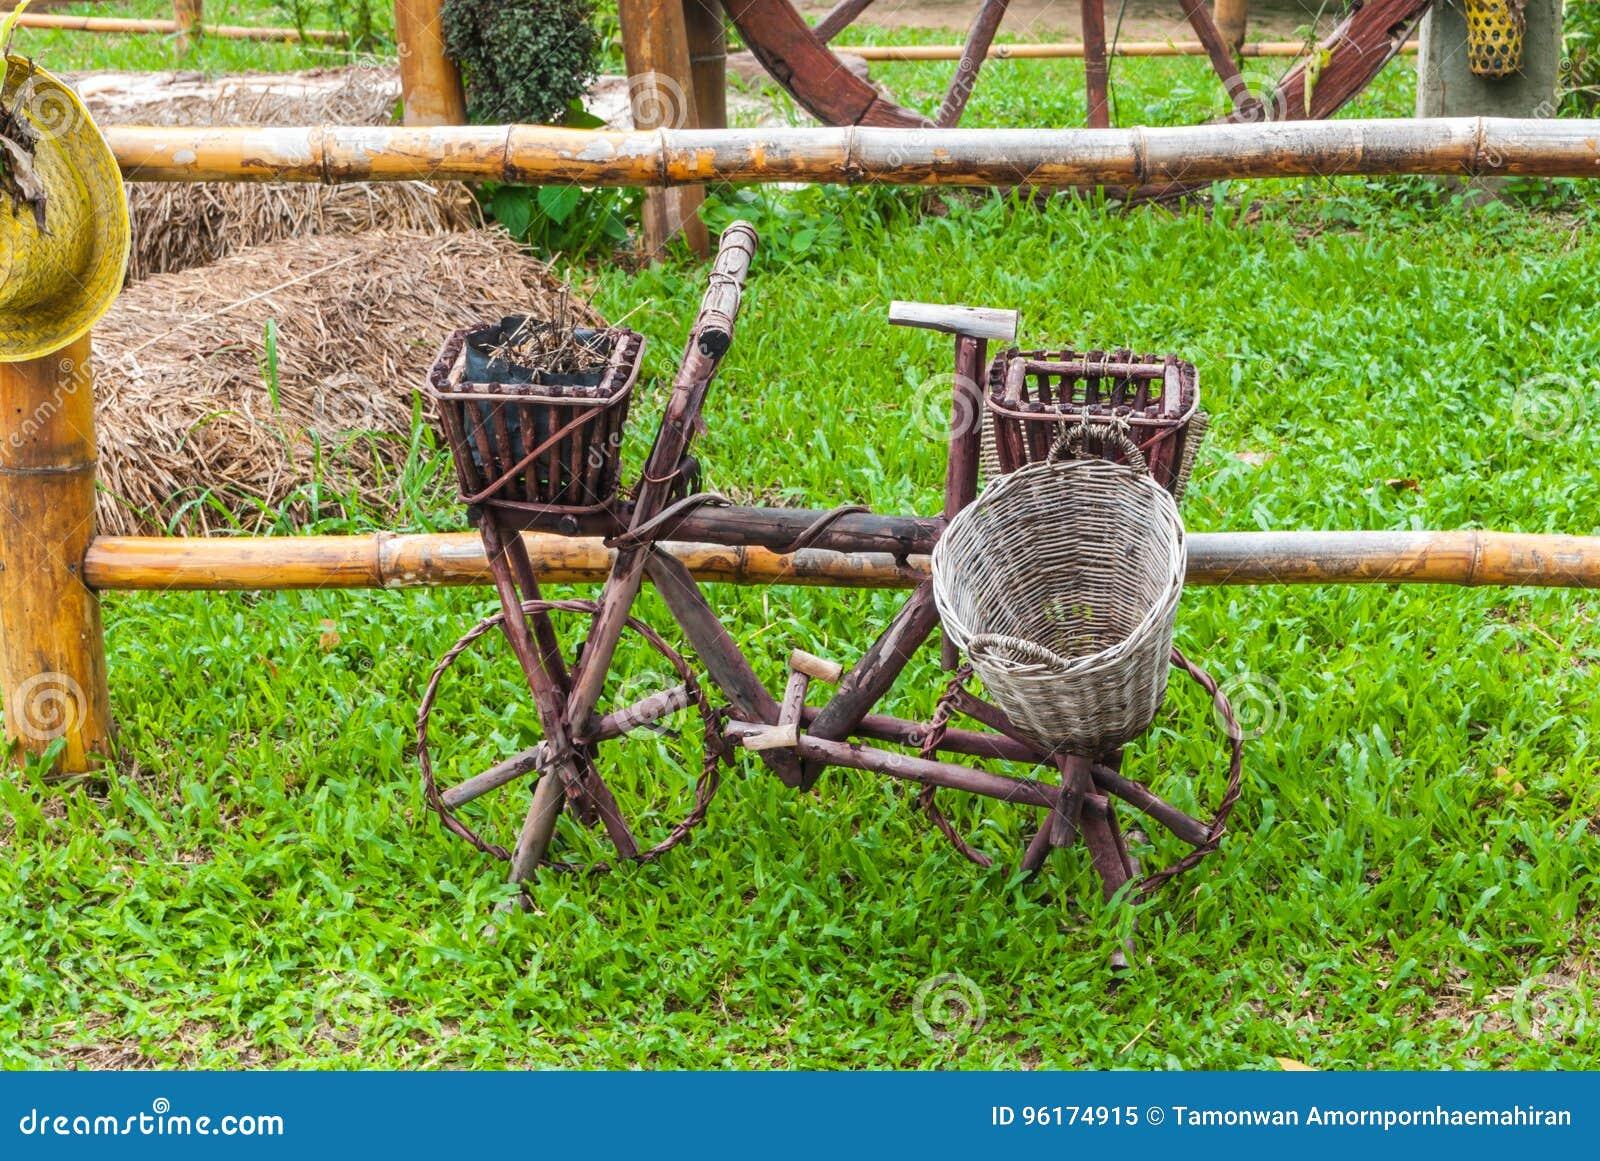 Decorazioni In Legno Per Giardino : Vecchia bicicletta di legno per la decorazione su erba in giardino